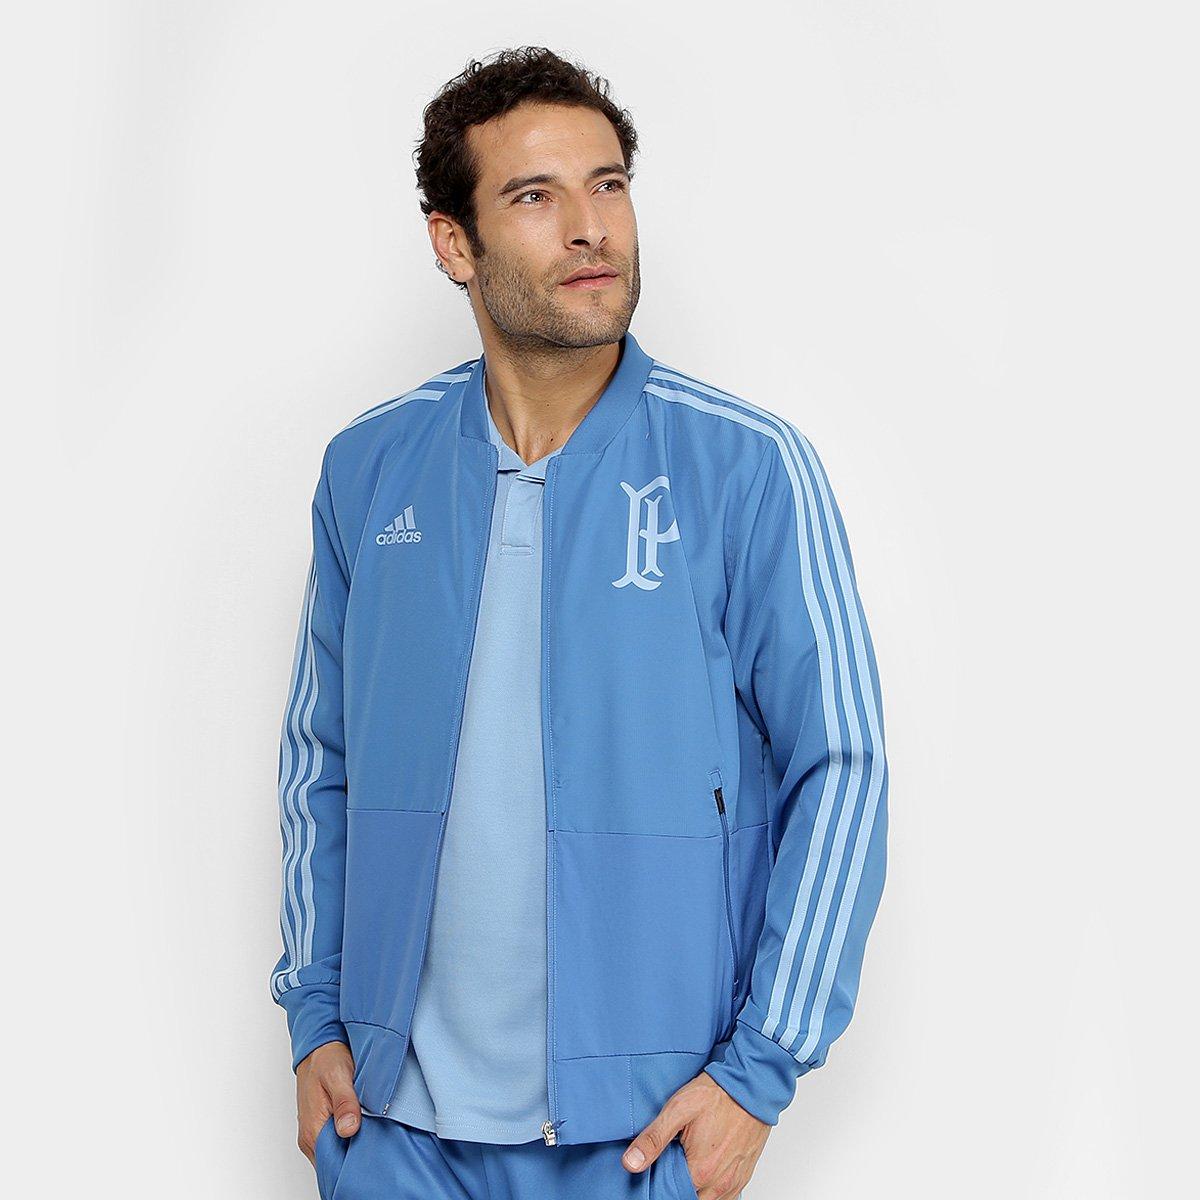 Jaqueta Palmeiras Adidas Viagem Masculina - Azul - Compre Agora ... c9d93f98ad96a